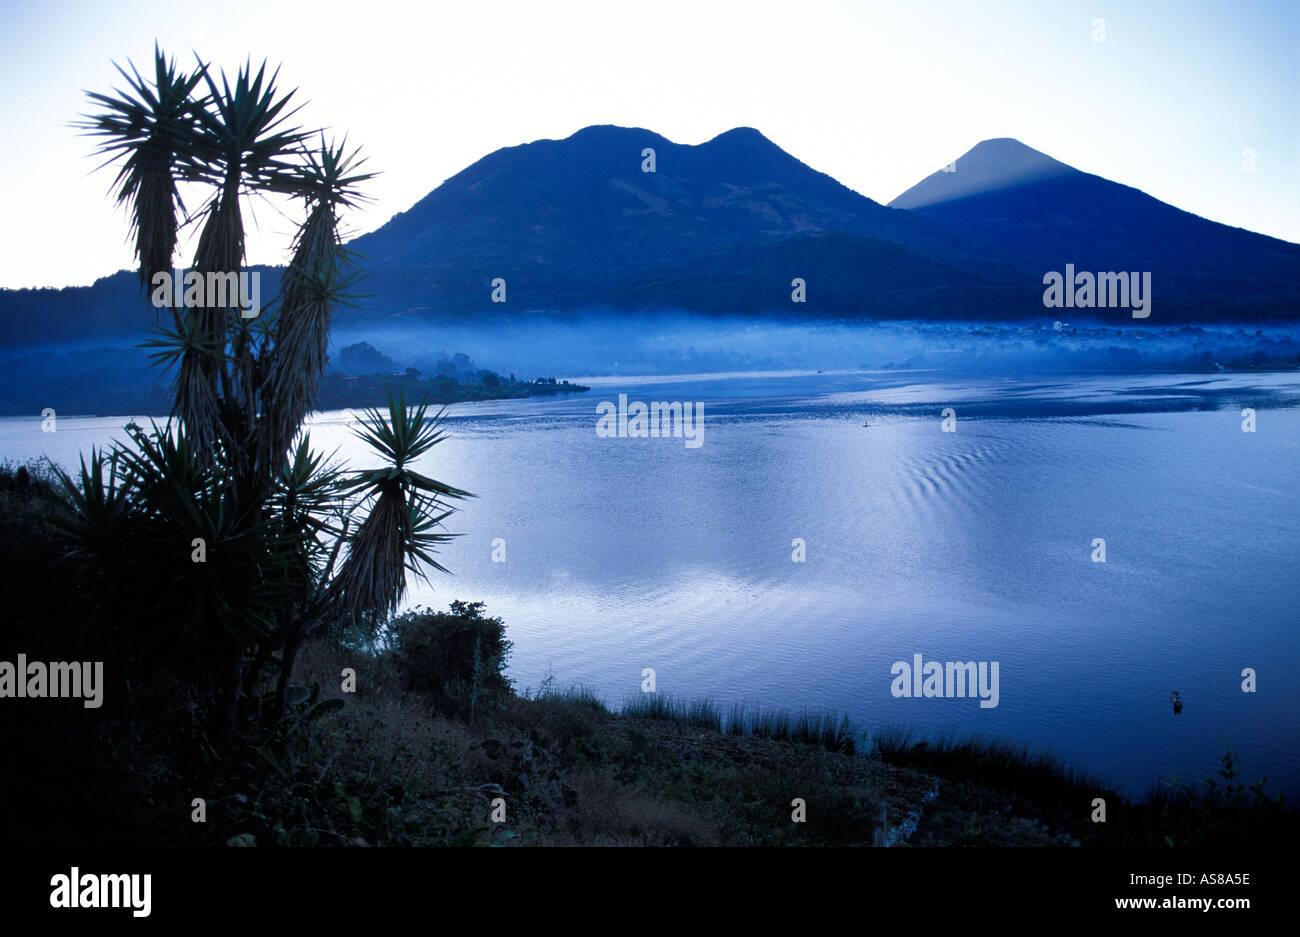 Santiago Atitlan sits beneath the towering peak of Toliman volcano Lake Atitlan at dawn Guatemala - Stock Image